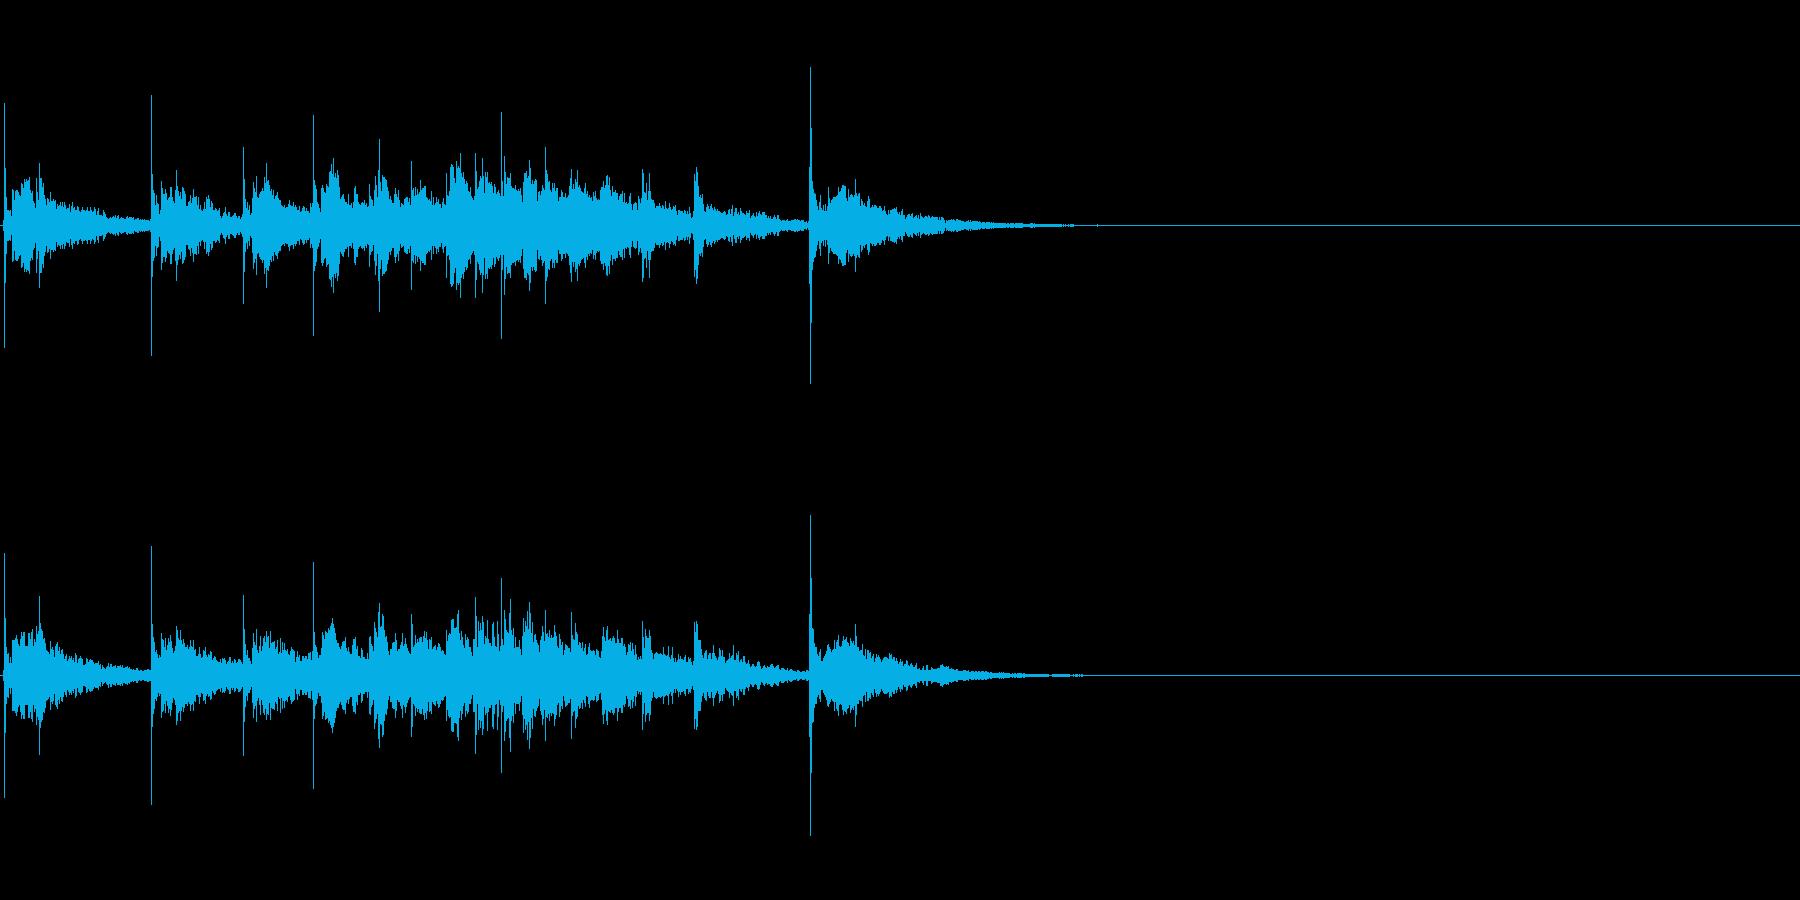 生演奏 琵琶 和風 古典風 残響有#14の再生済みの波形